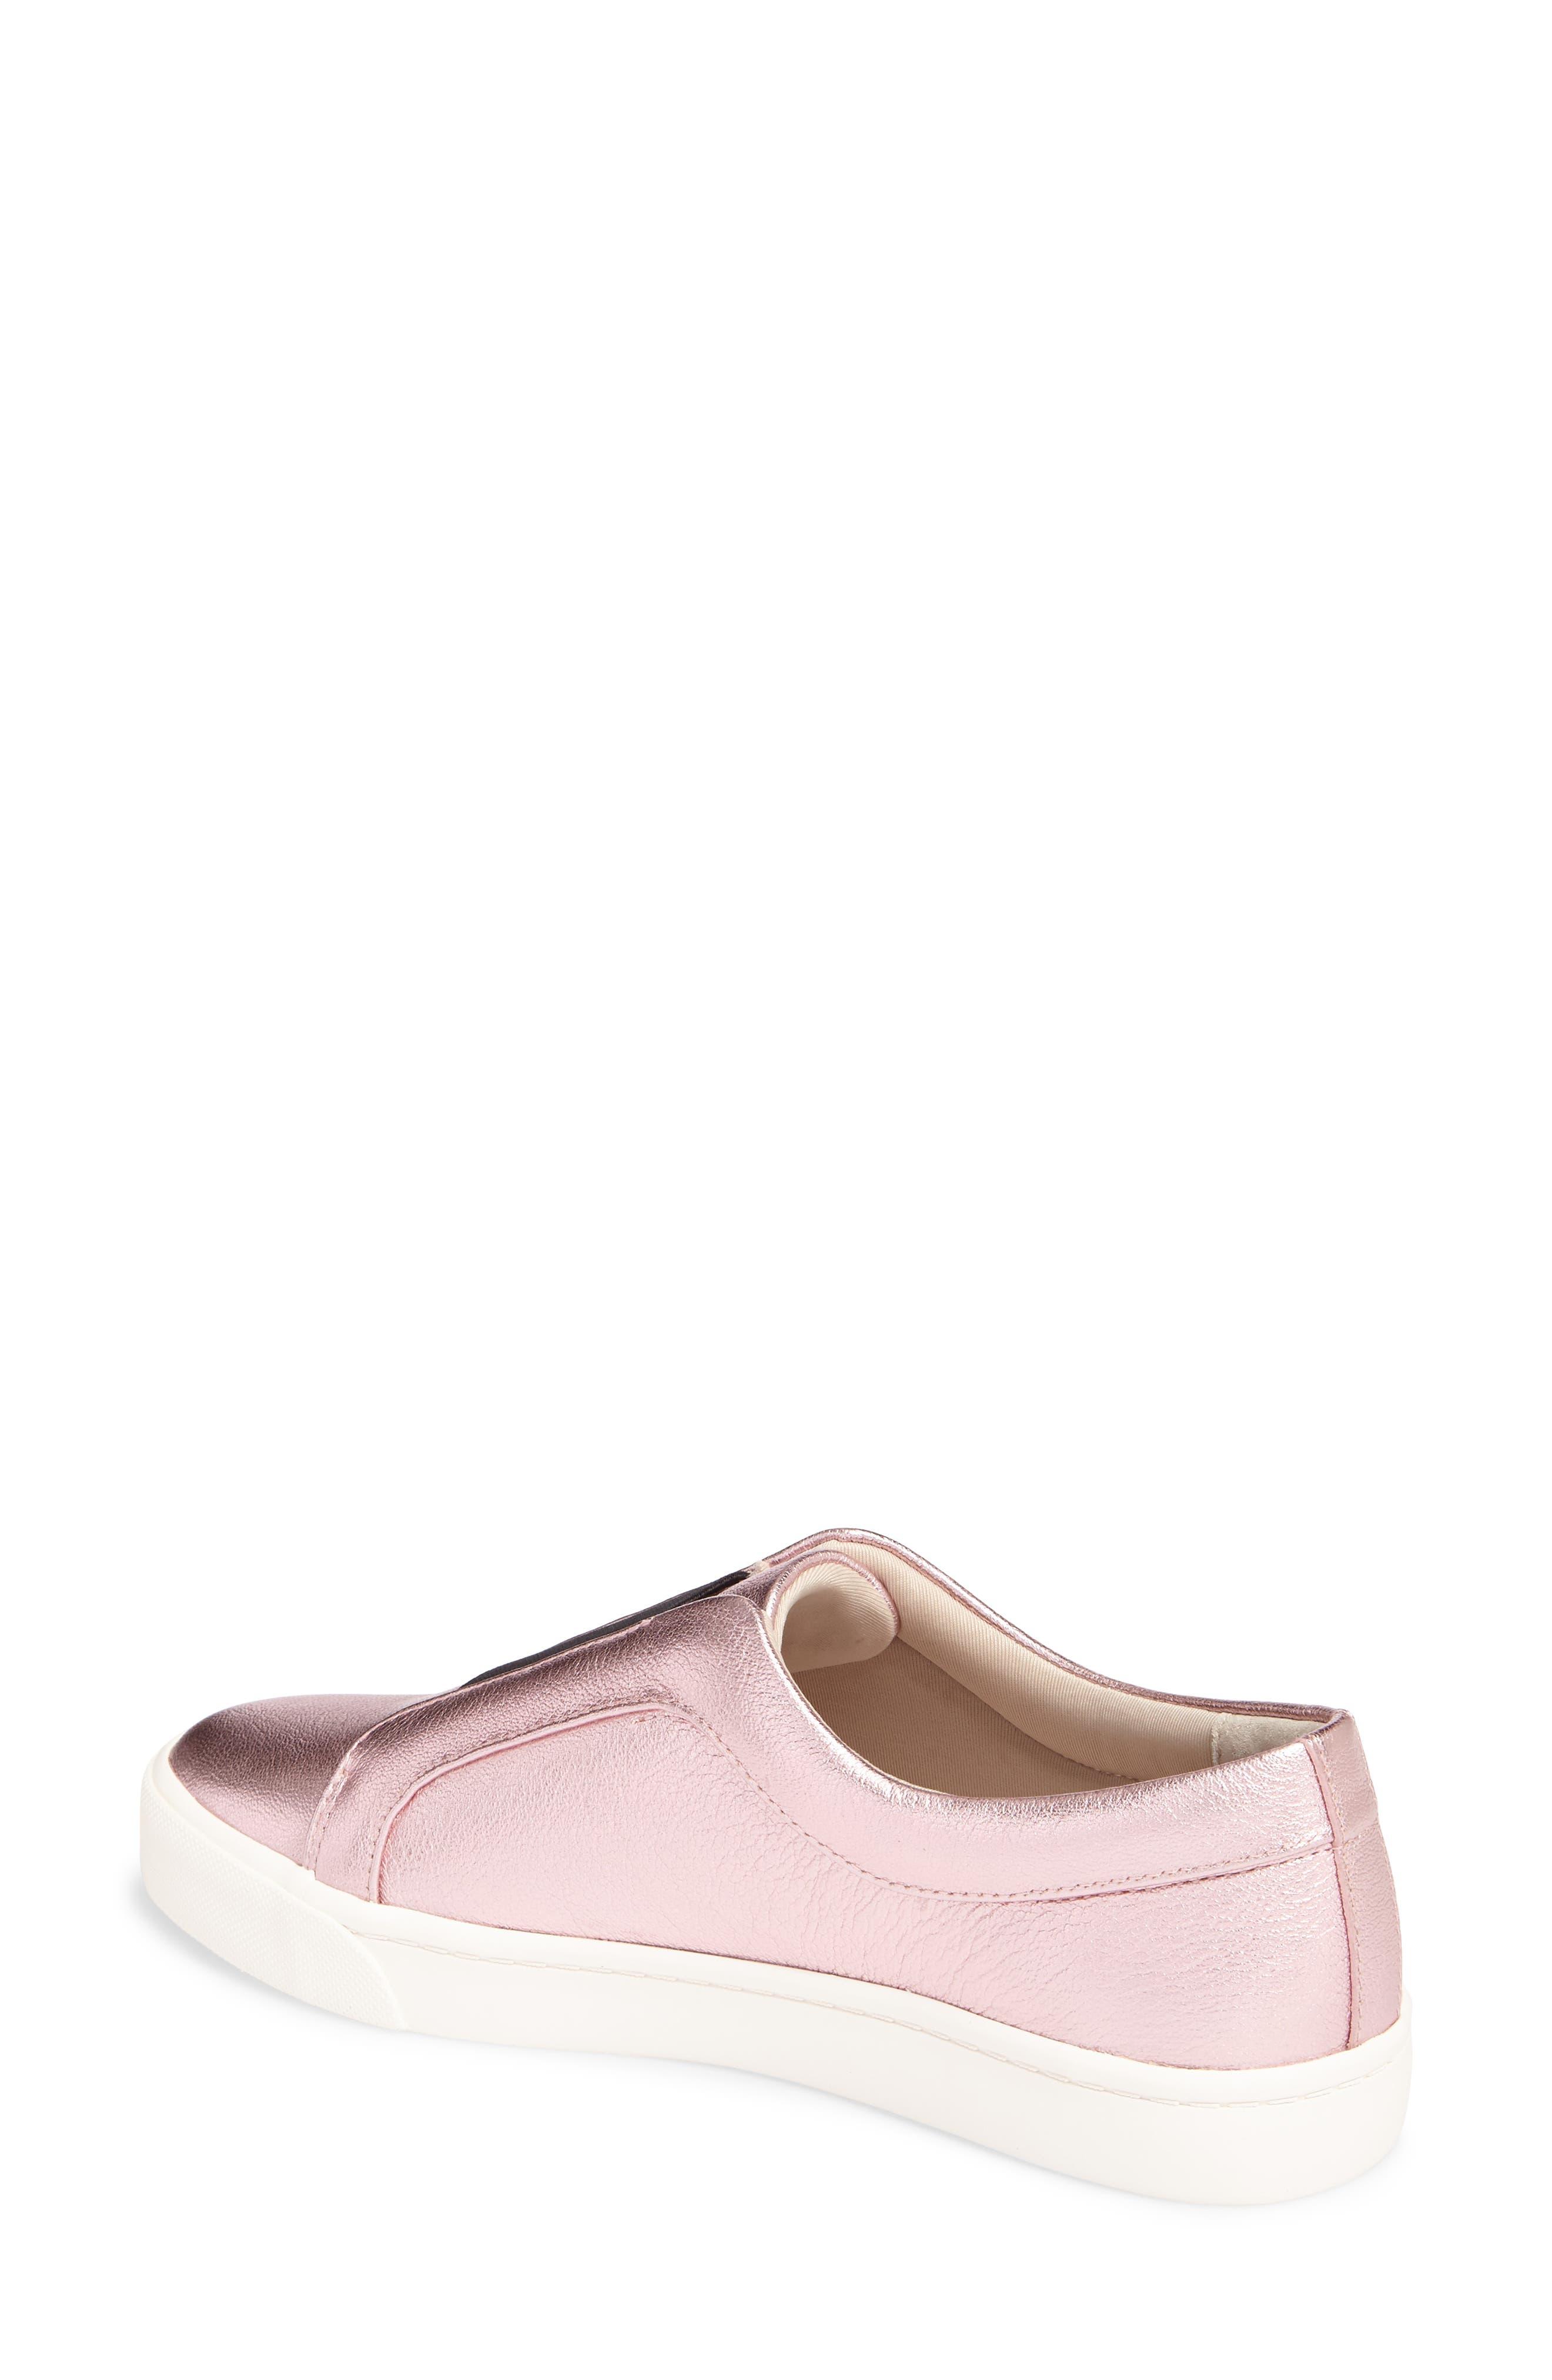 Alternate Image 2  - Louise et Cie Bette Slip-On Sneaker (Women)